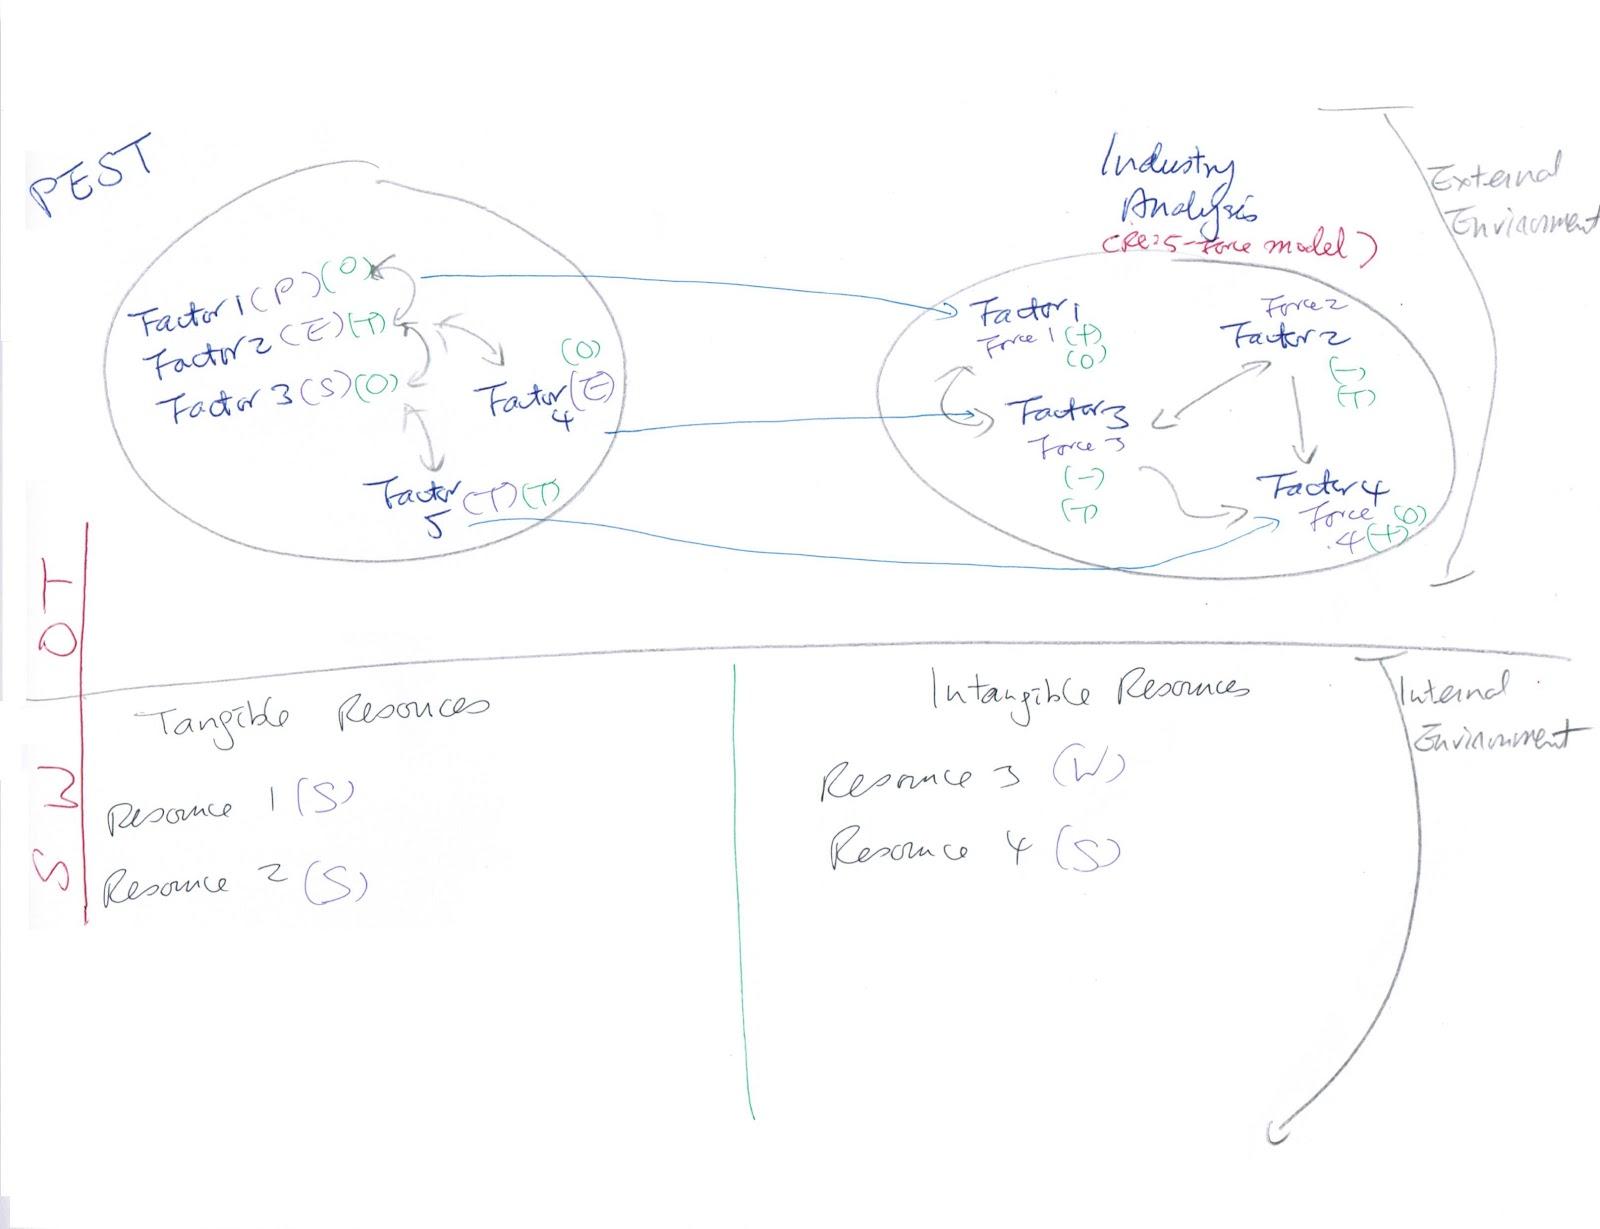 Joseph KK Ho e-resources: PEST analysis as an analysis